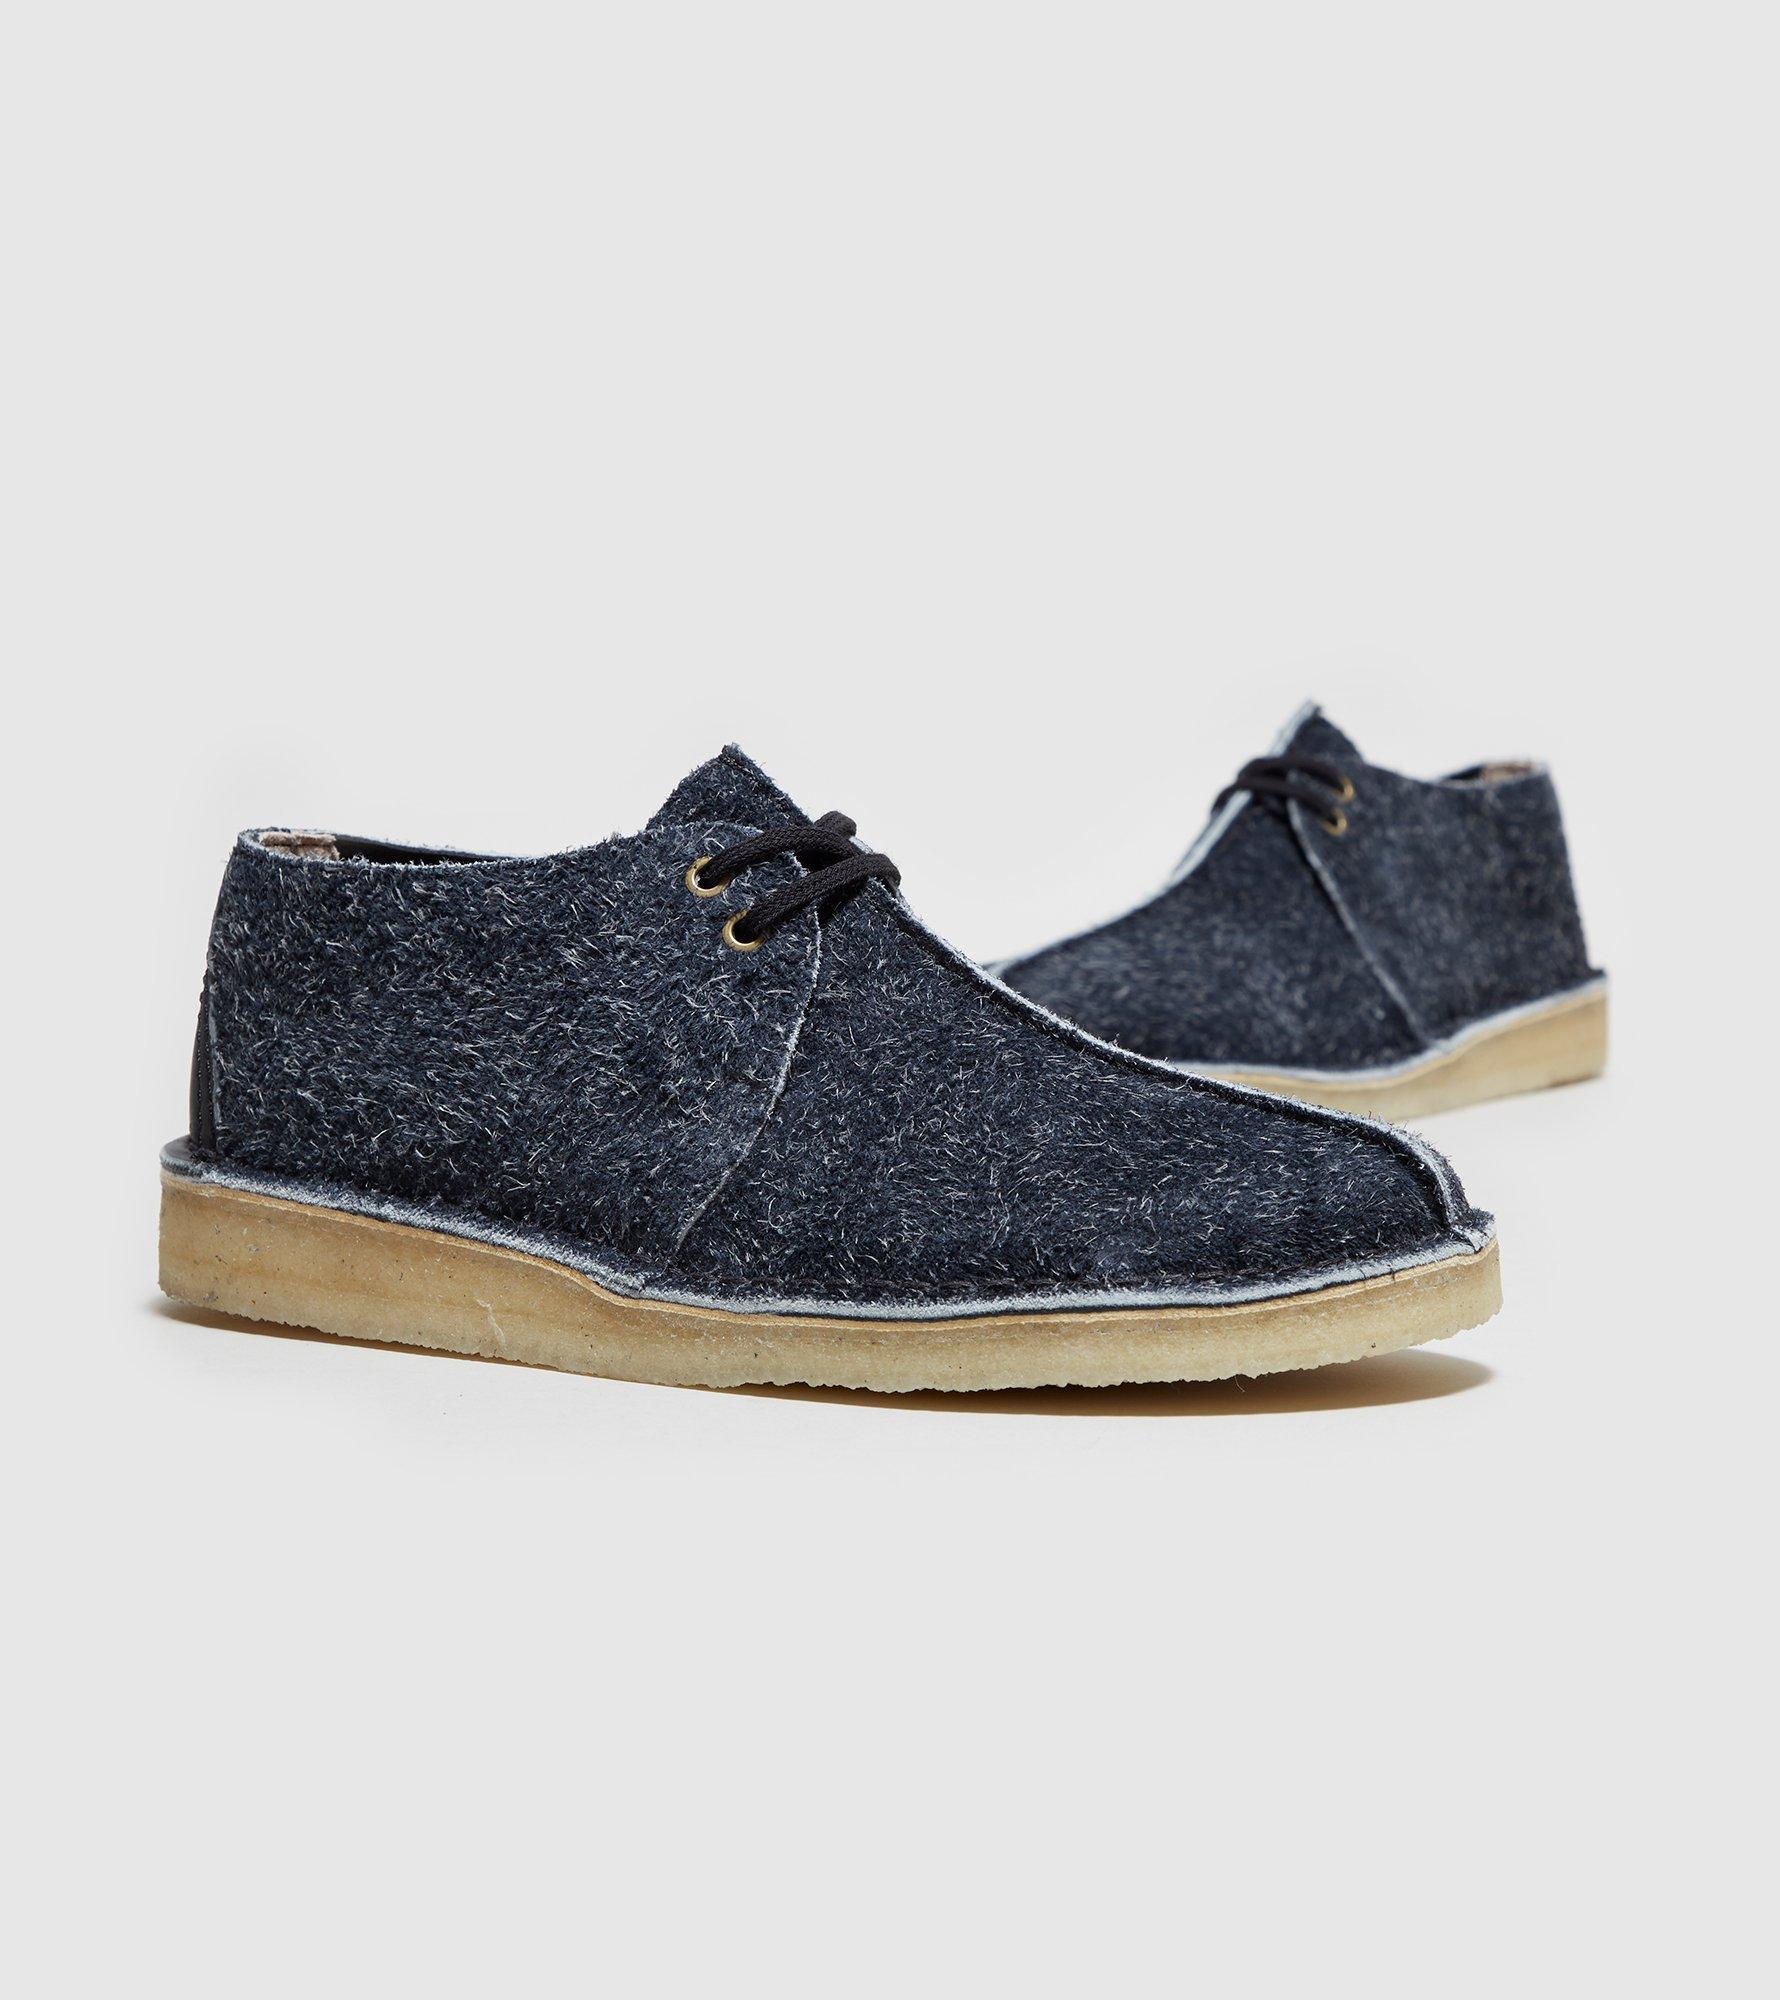 Clarks Desert Trek Shoes Sale